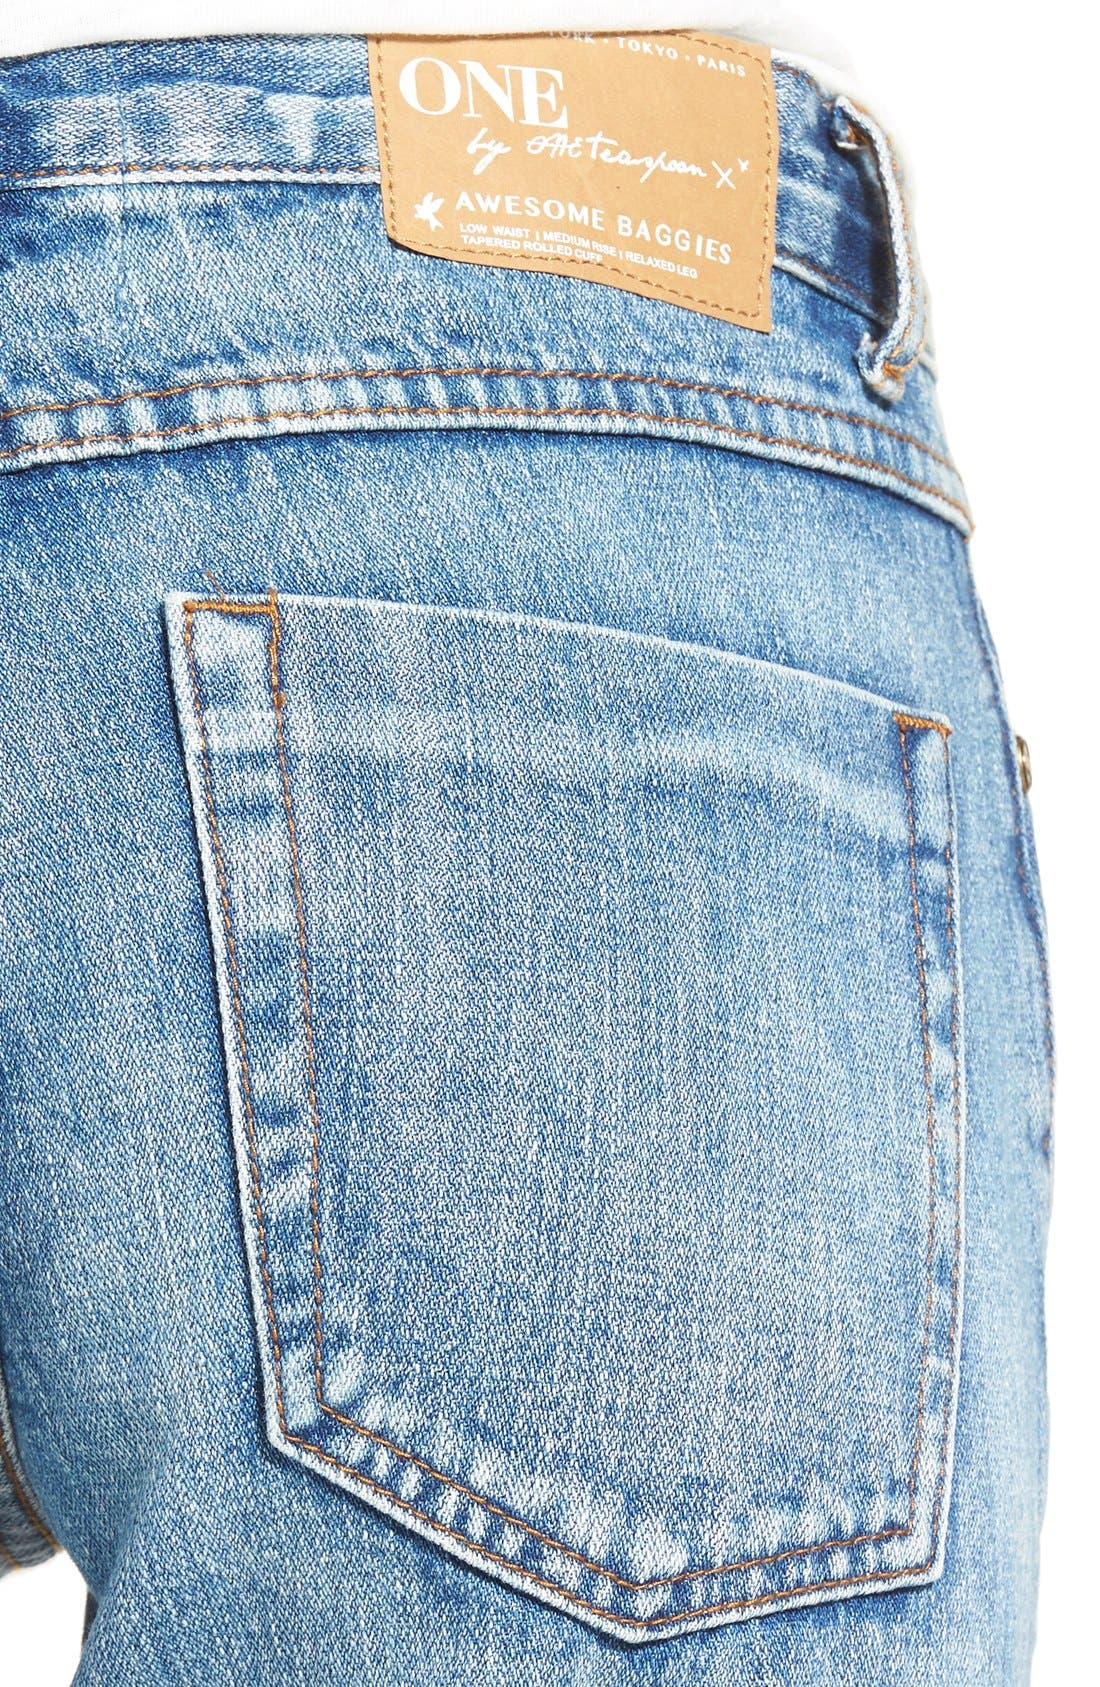 Alternate Image 4  - One Teaspoon 'Awesome Baggies' CropBoyfriend Jeans